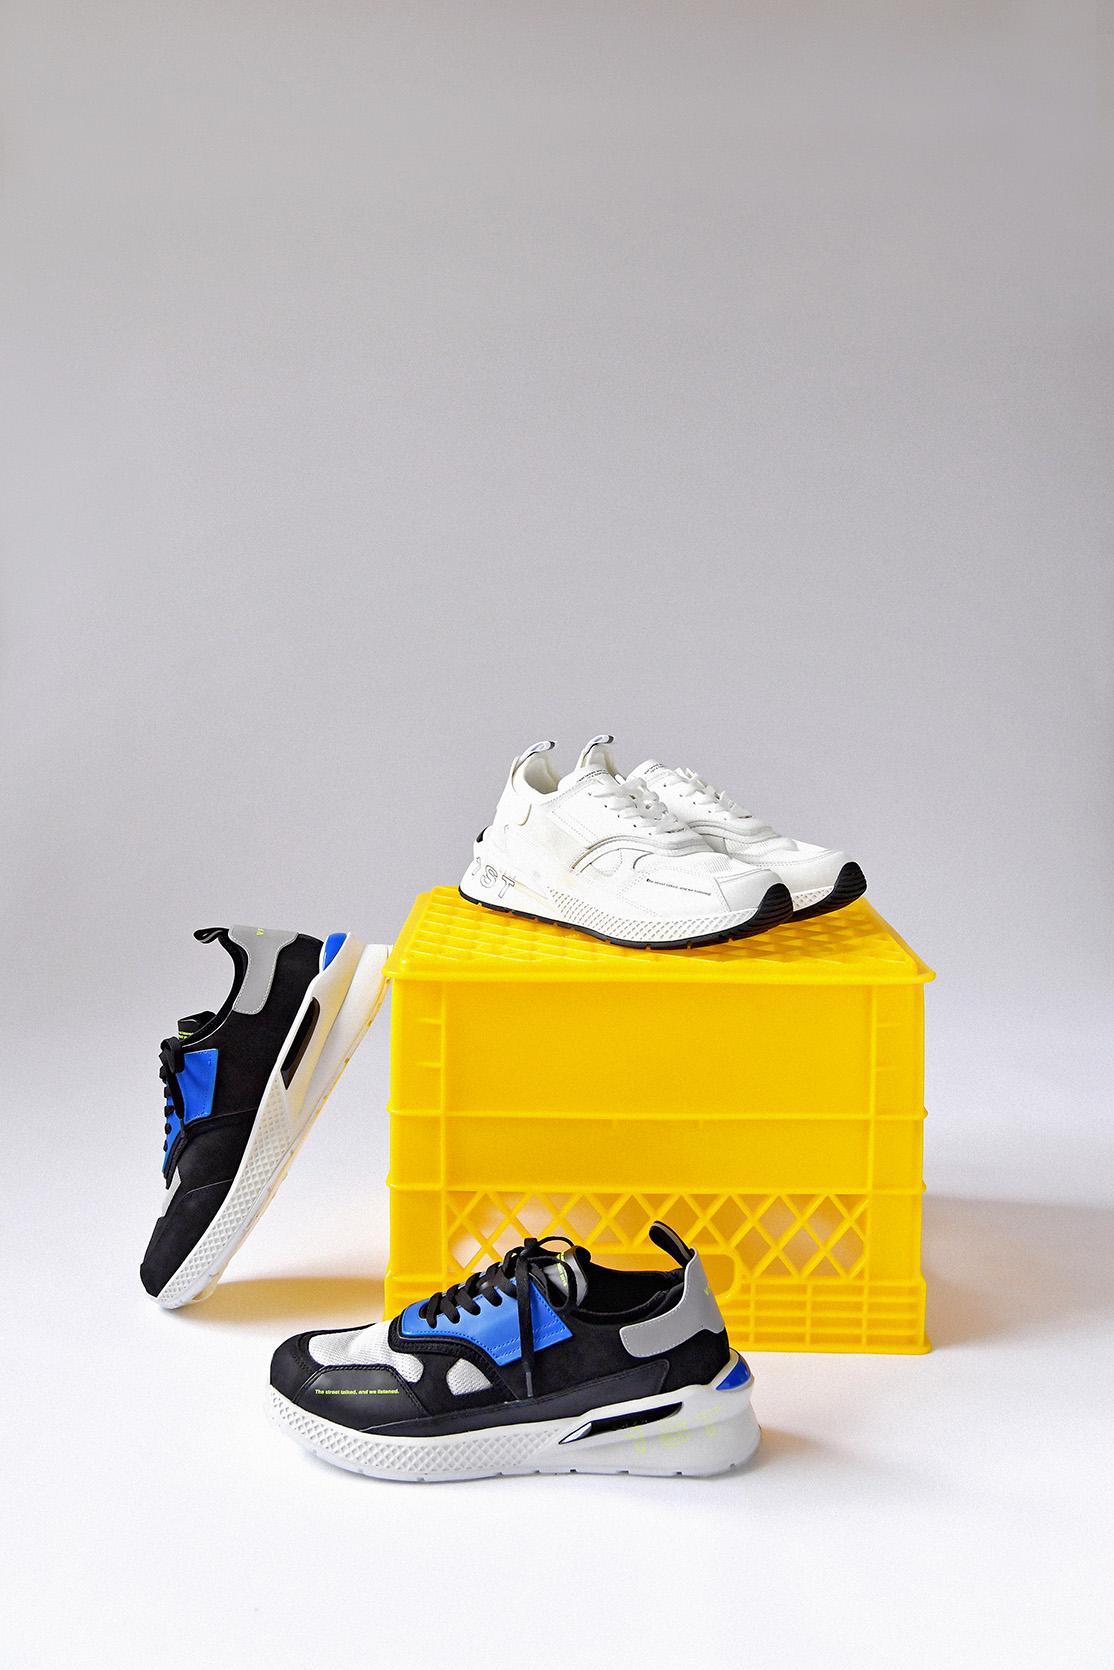 上/ VFTS 球鞋基本款(白)  , 下/ VFTS 拼色球鞋(藍/灰/黑)